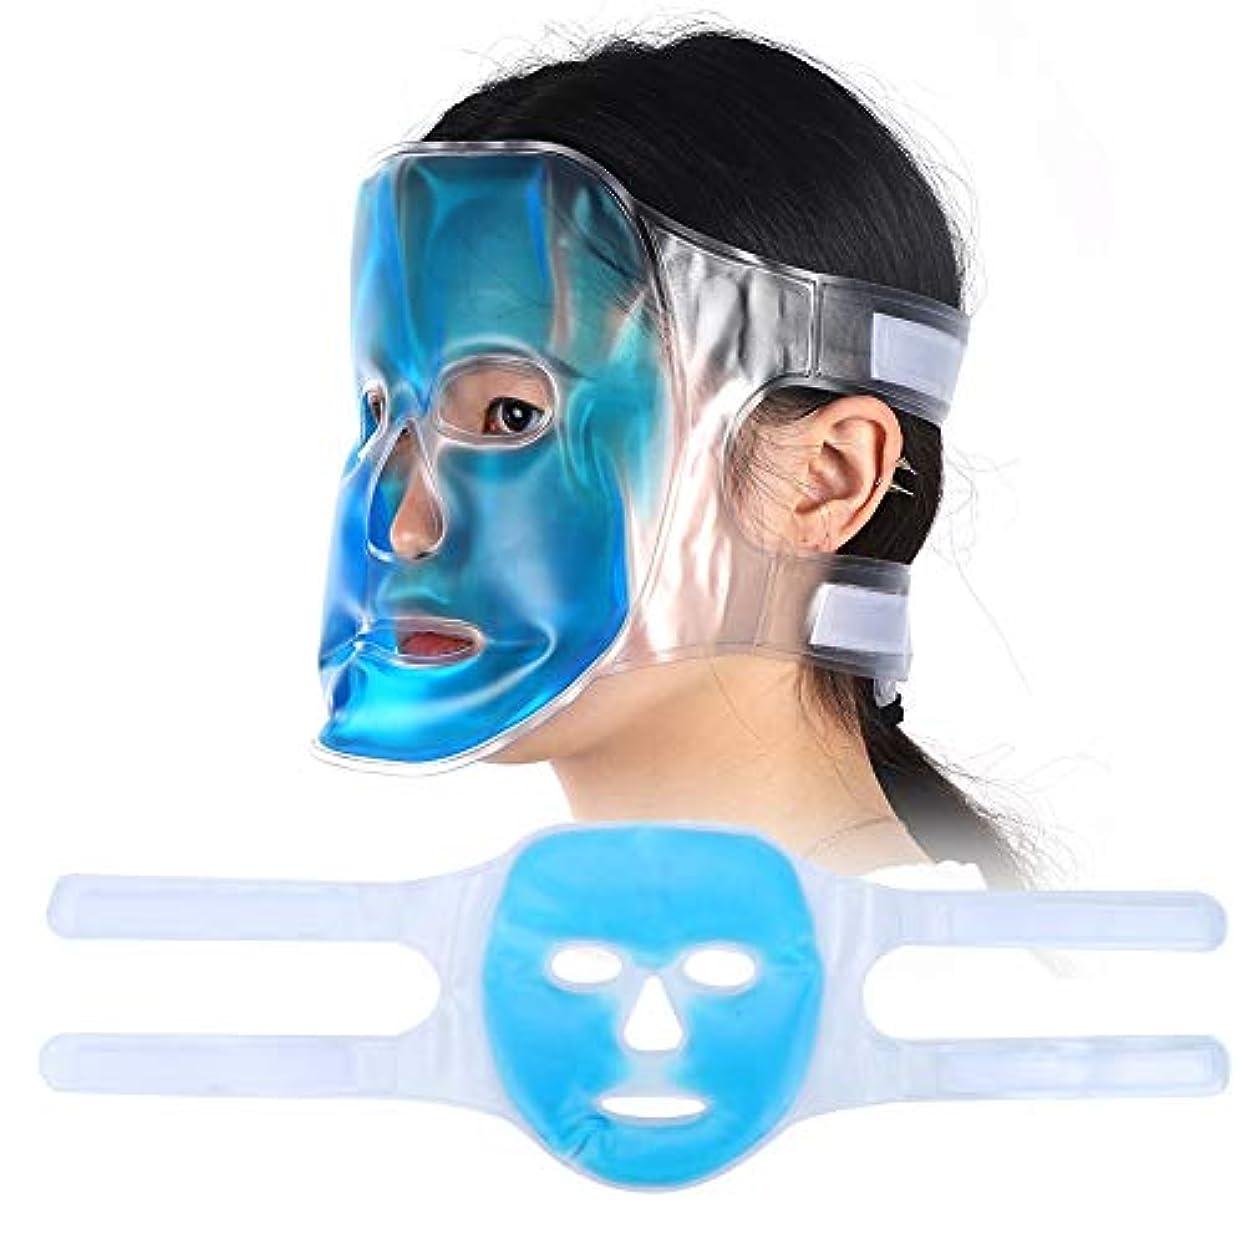 桃ストライド豊かにする保湿 ジェルブルーフェイスマスク 疲労緩和 リラクゼーションフル フェイスクーリングマスク